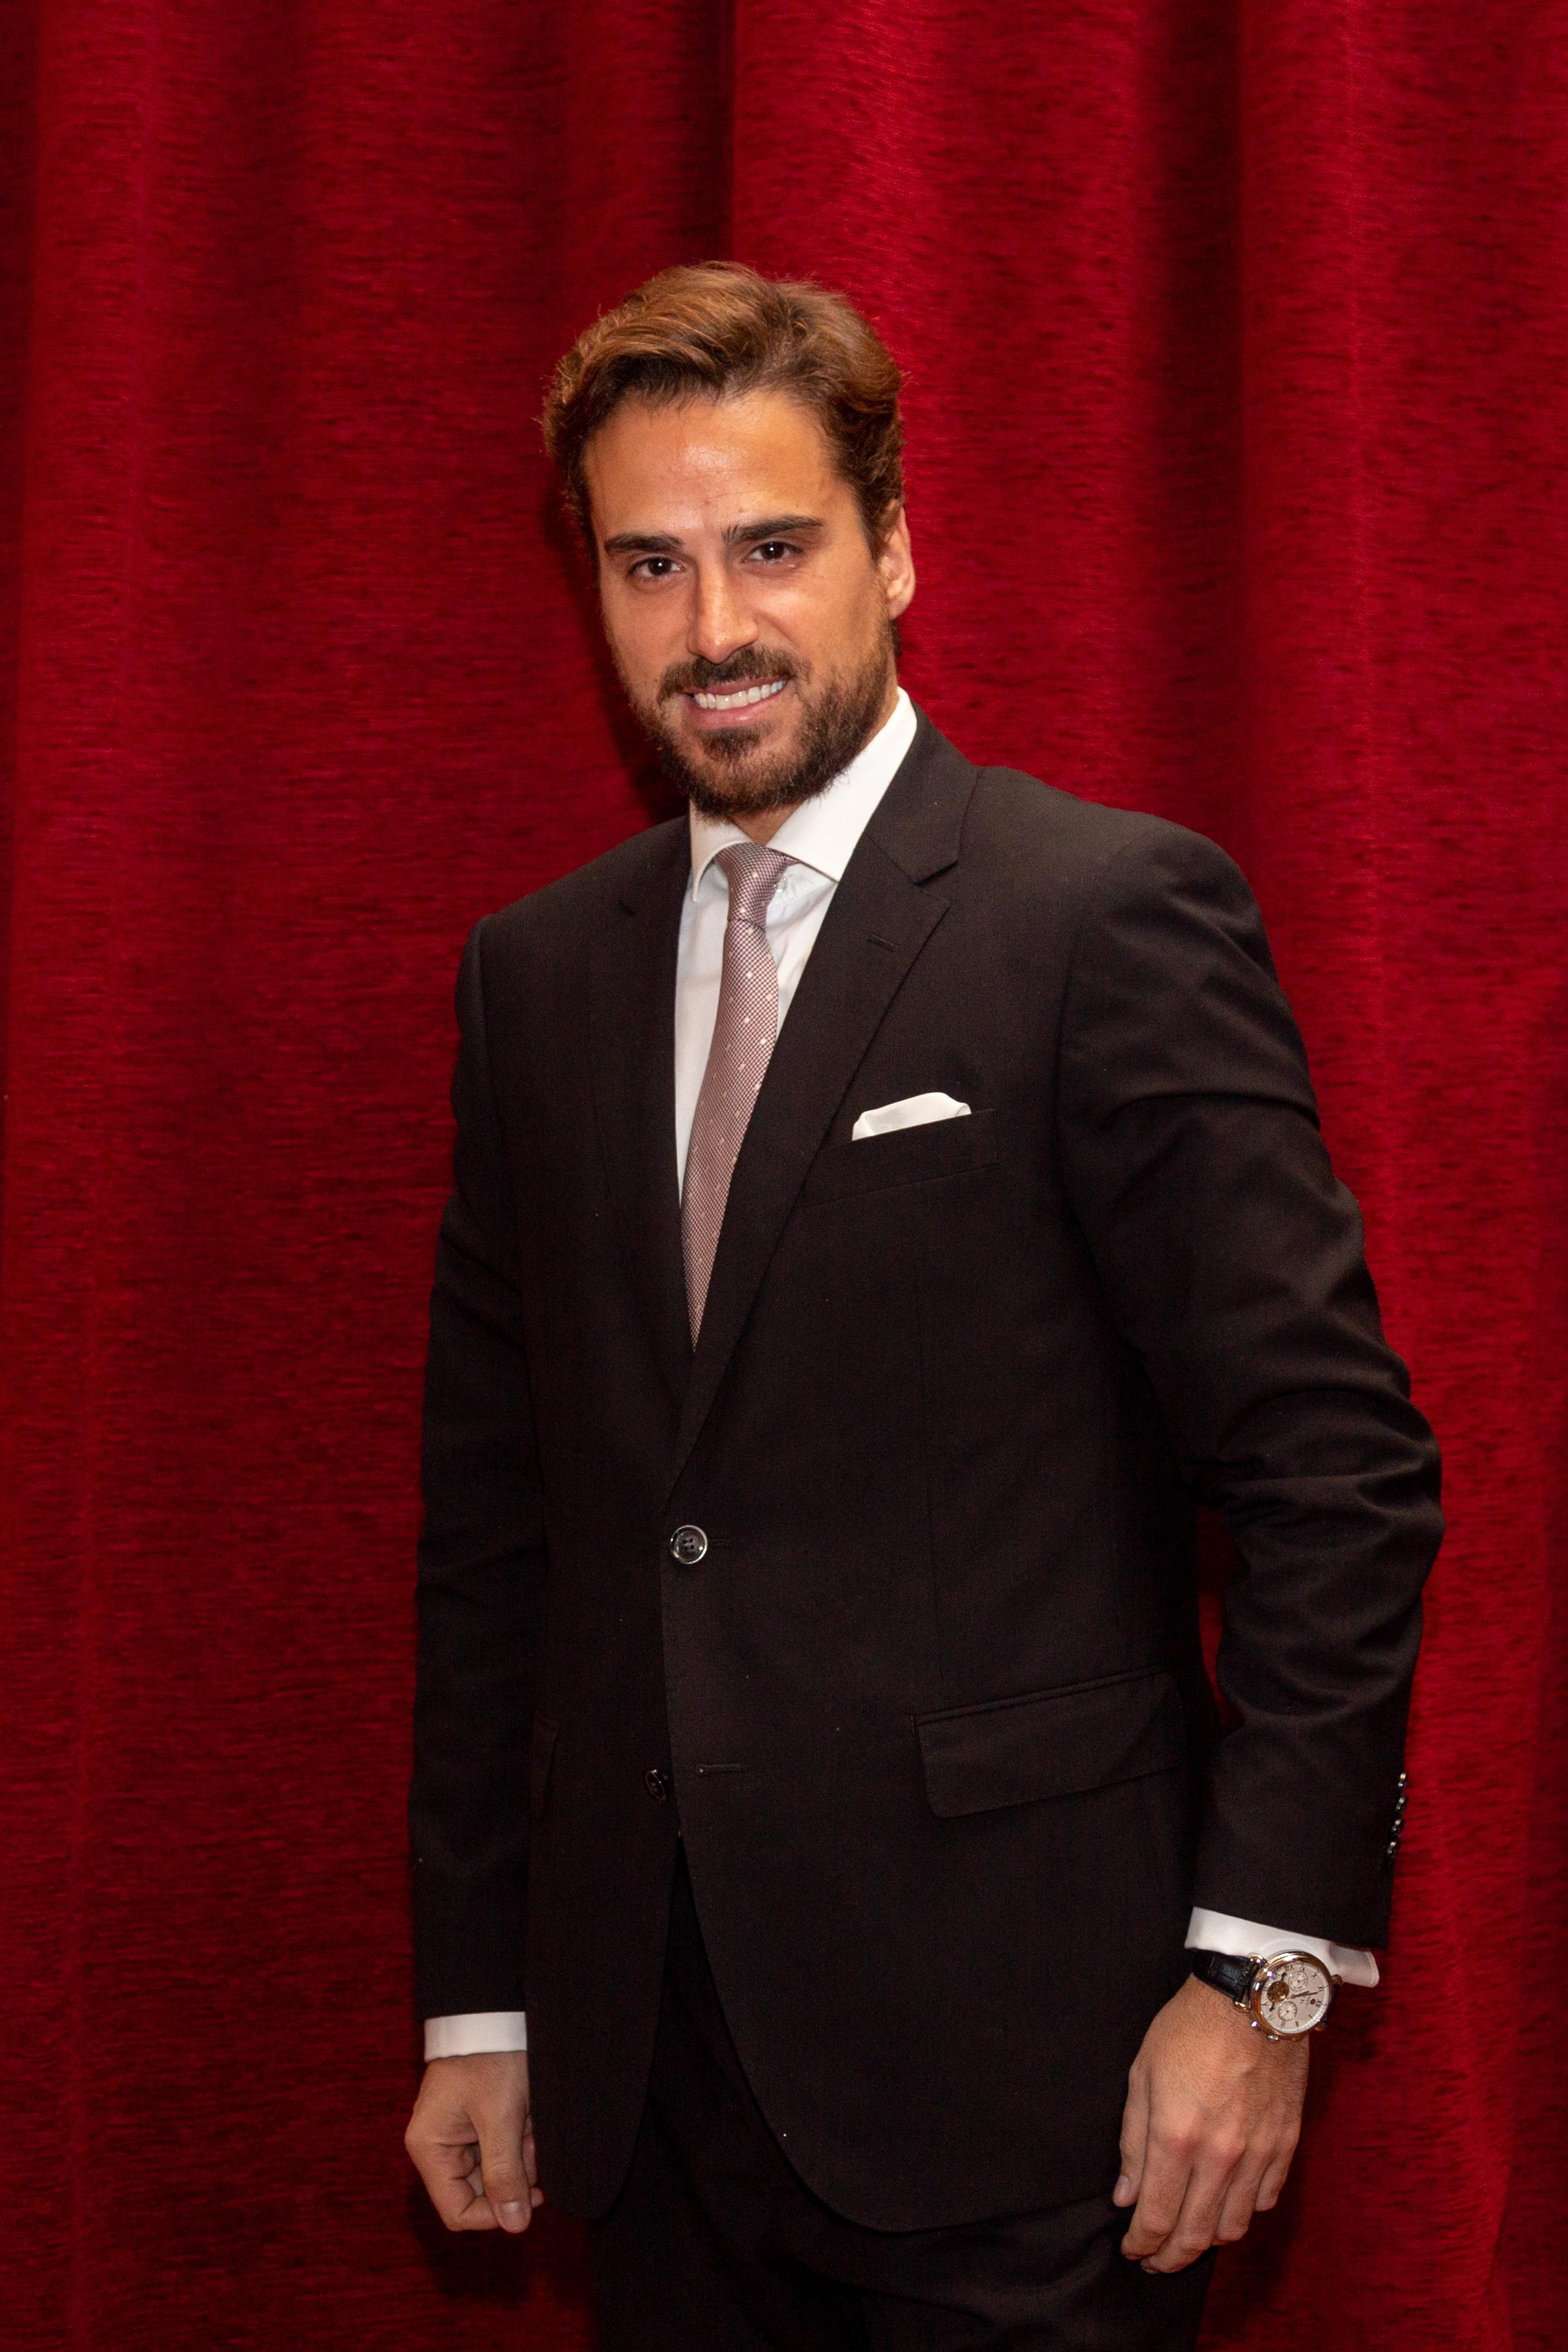 Bernardo Augusto Marques Rosa de Carvalho